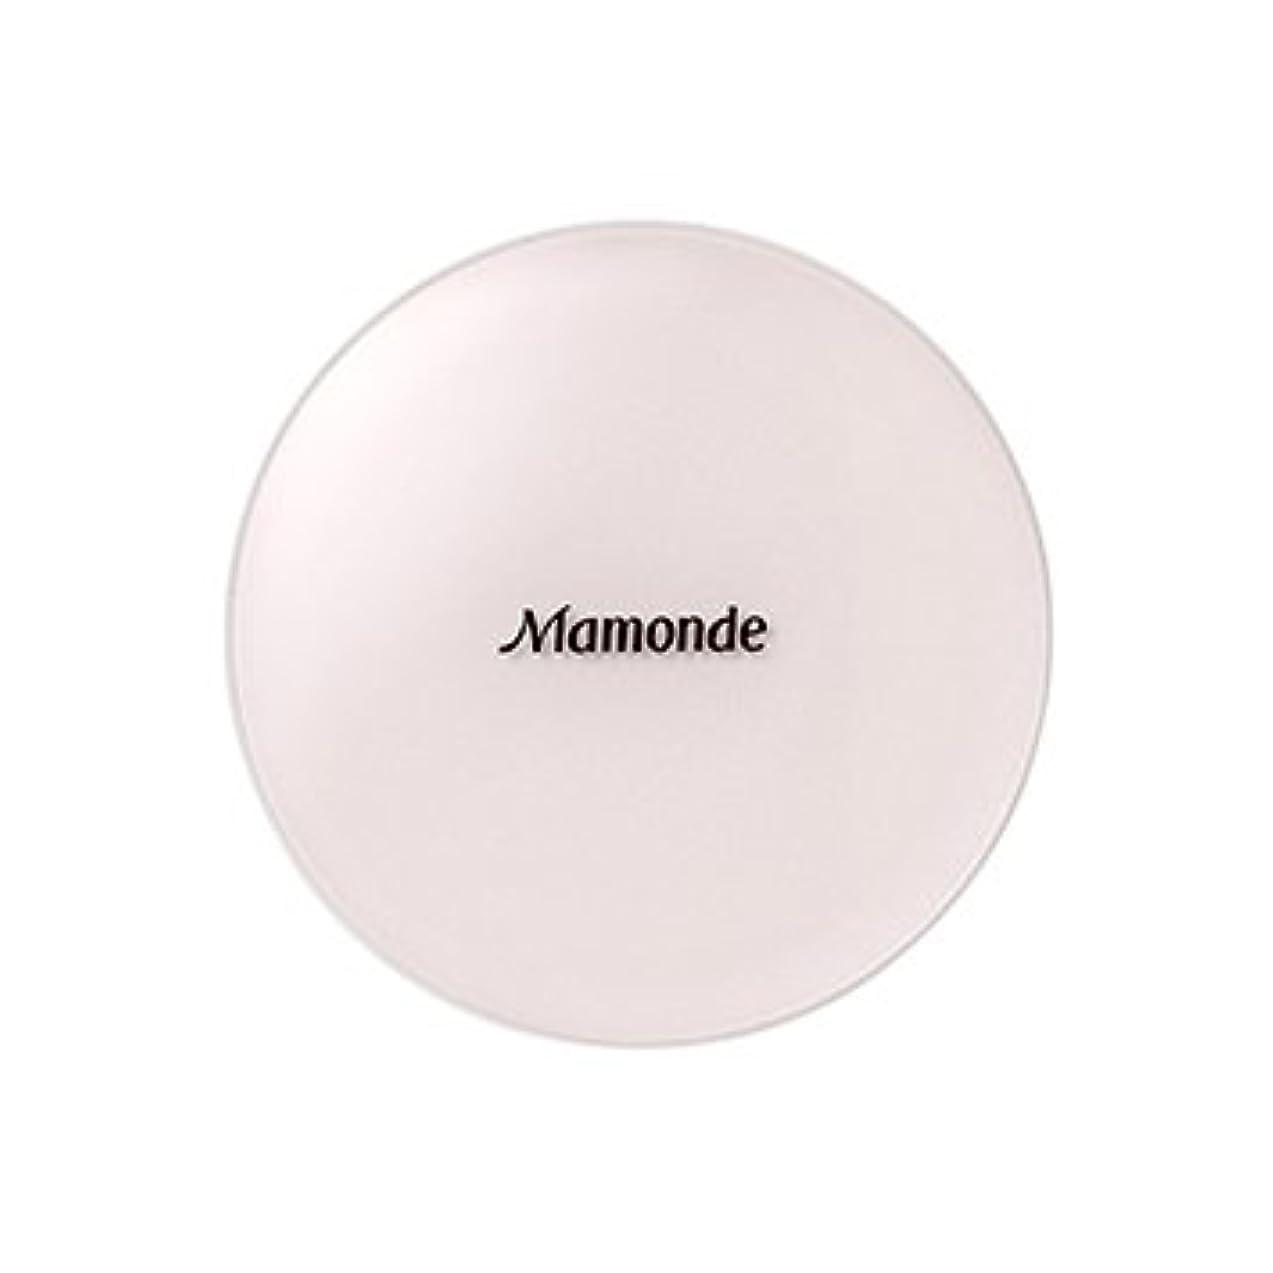 の慈悲で暗殺者憧れ[New] Mamonde Brightening Cover Ampoule Cushion 15g/マモンド ブライトニング カバー アンプル クッション 15g (#17 Light Peach) [並行輸入品]